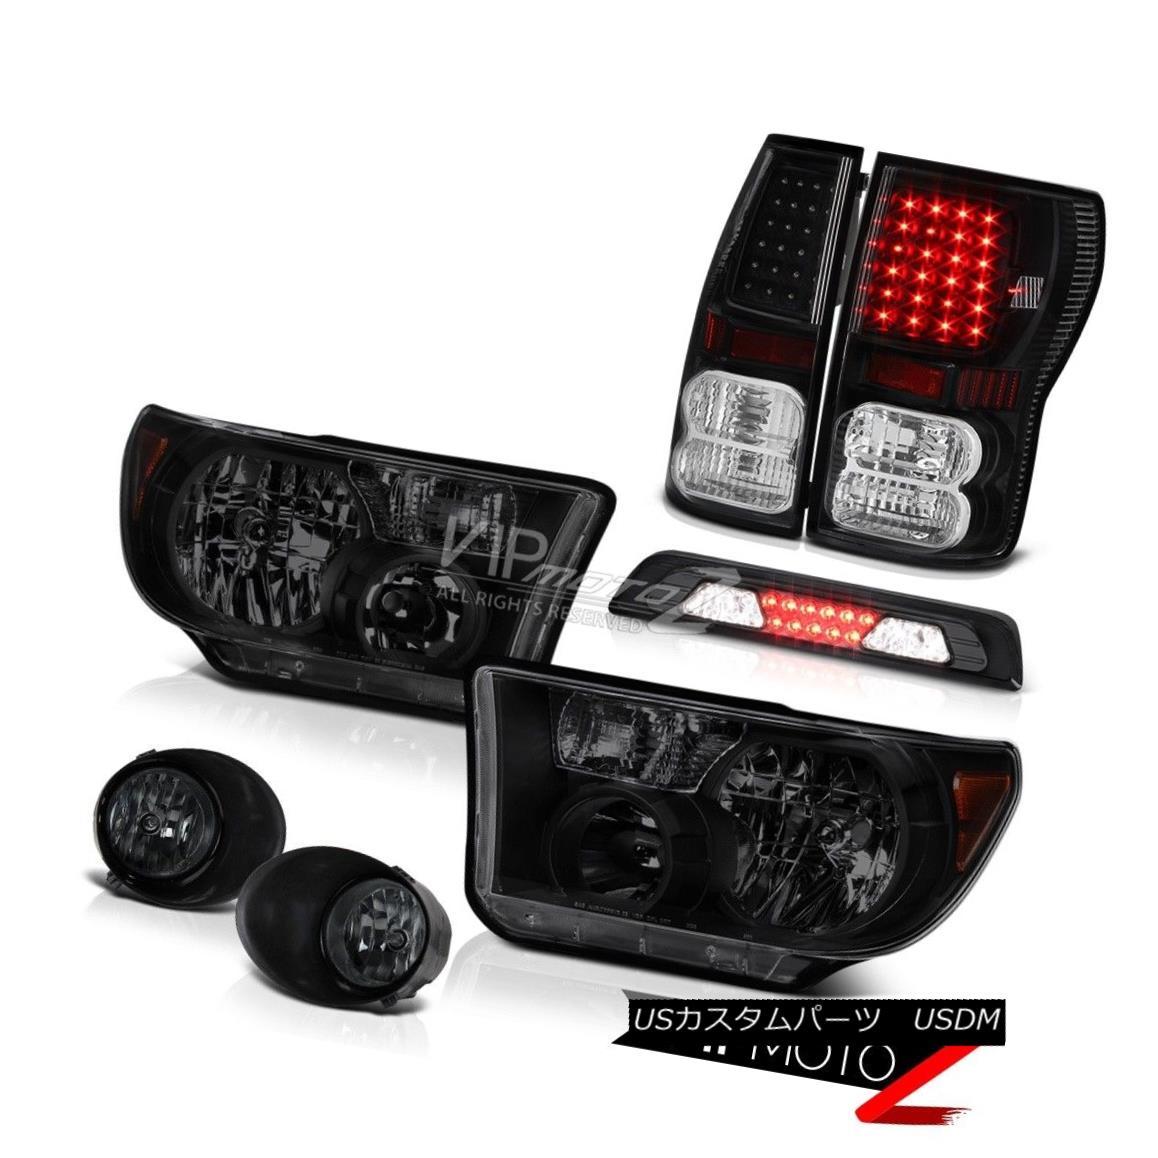 ヘッドライト 07-13 Toyota Tundra SR5 Headlights Fog Lamps High Stop Light Tail LED Assembly 07-13トヨタトンドラSR5ヘッドランプフォグランプハイストップライトテールLEDアセンブリ